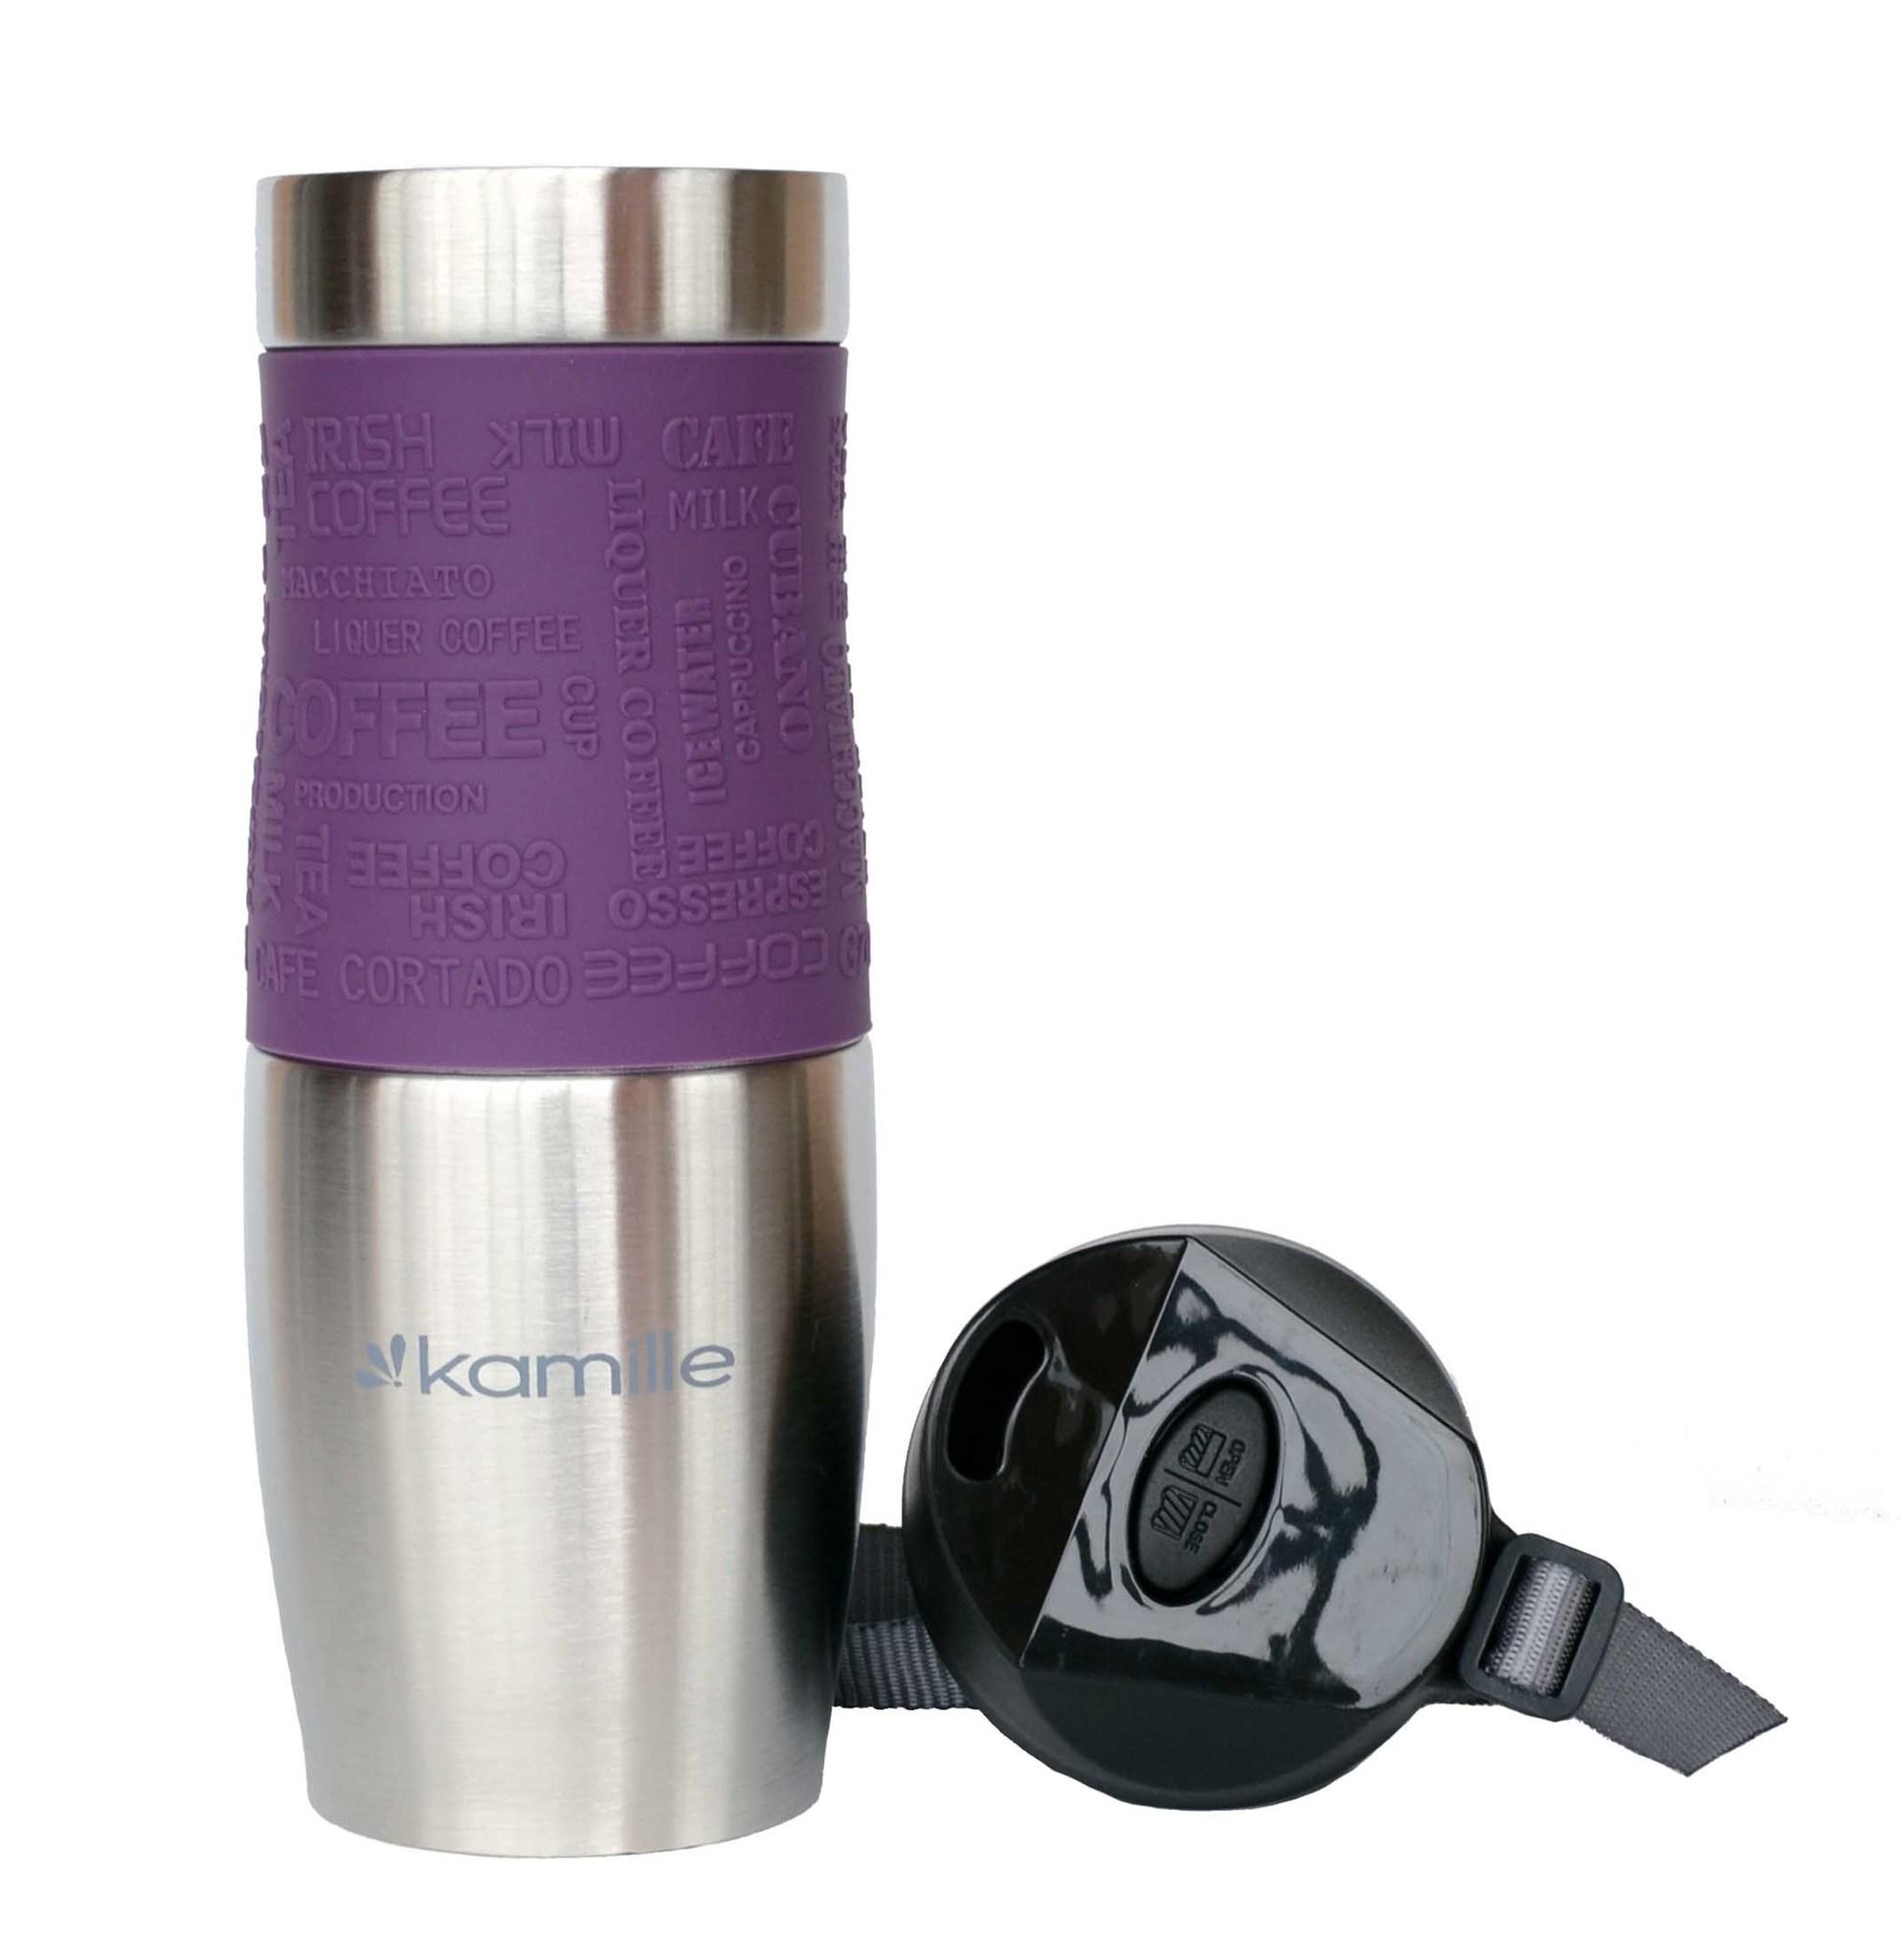 Термокружка Kamille c TPR и ремешком 480 мл. (хром) фиолетовая